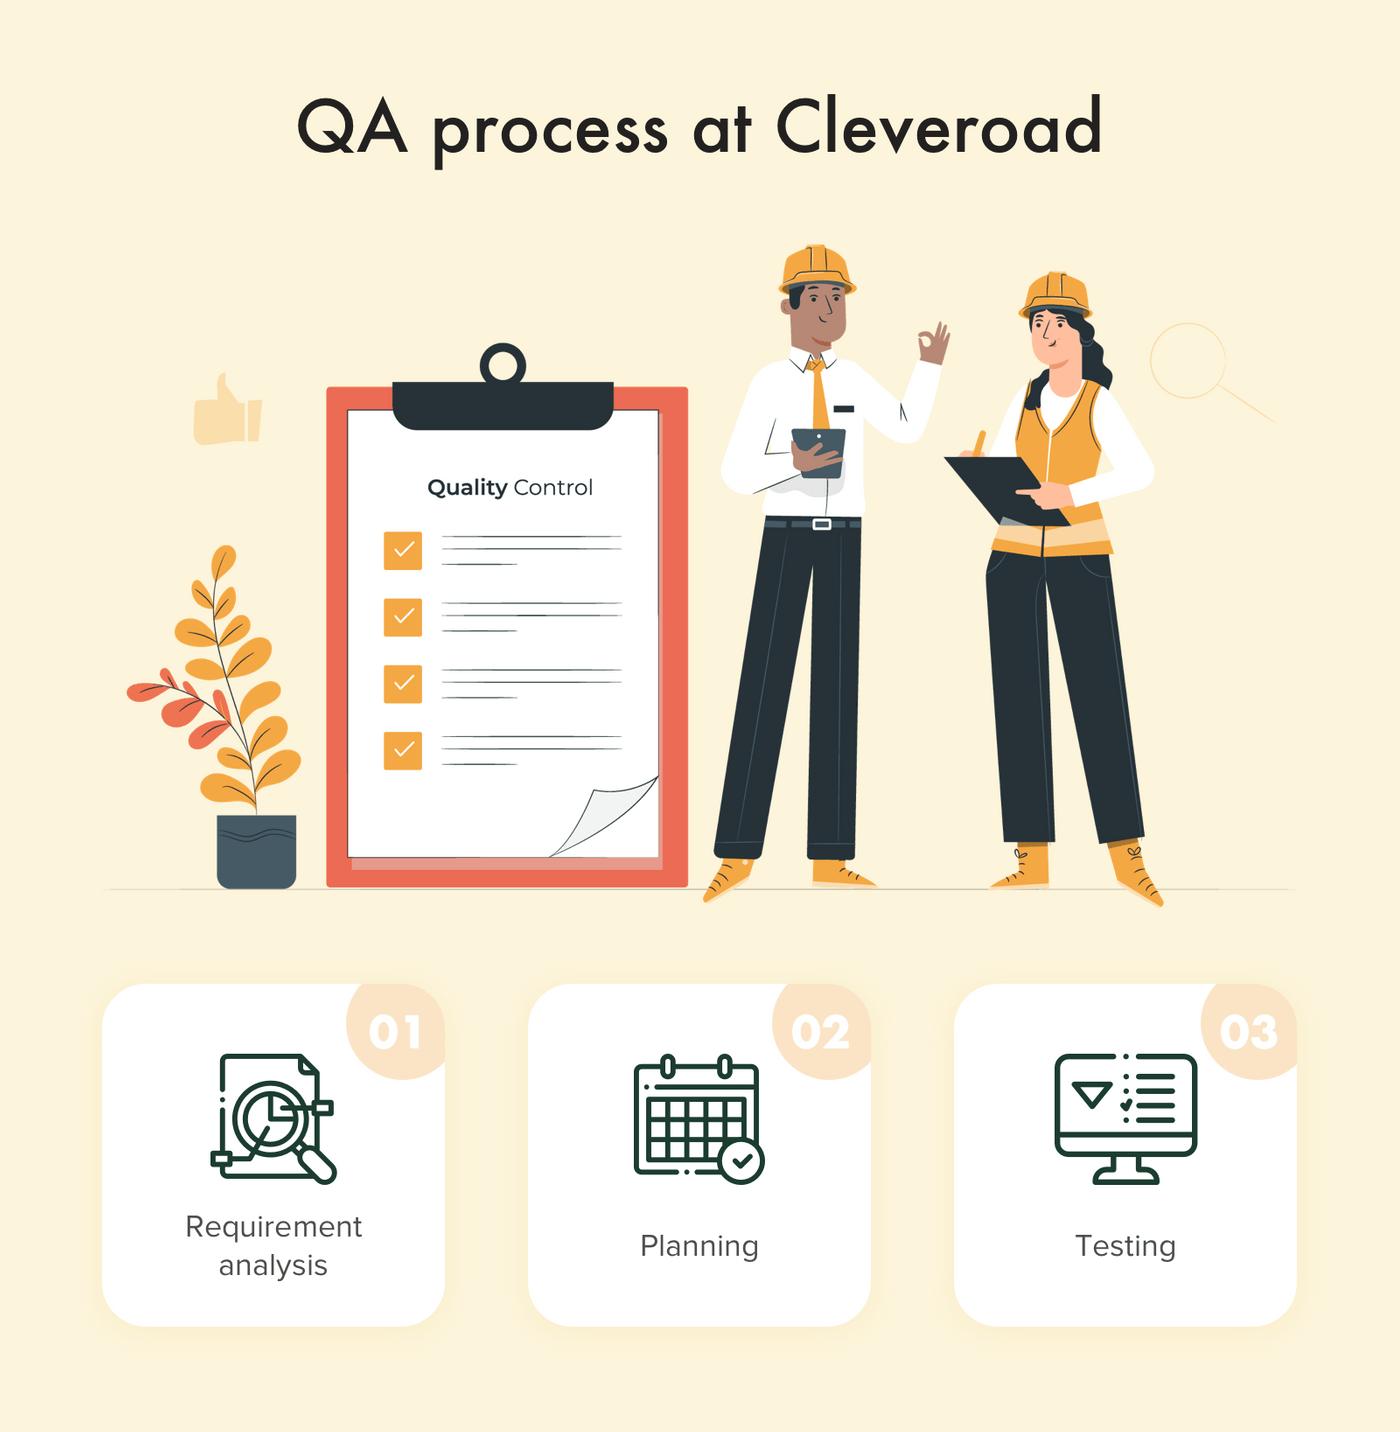 QA process at Cleveroad